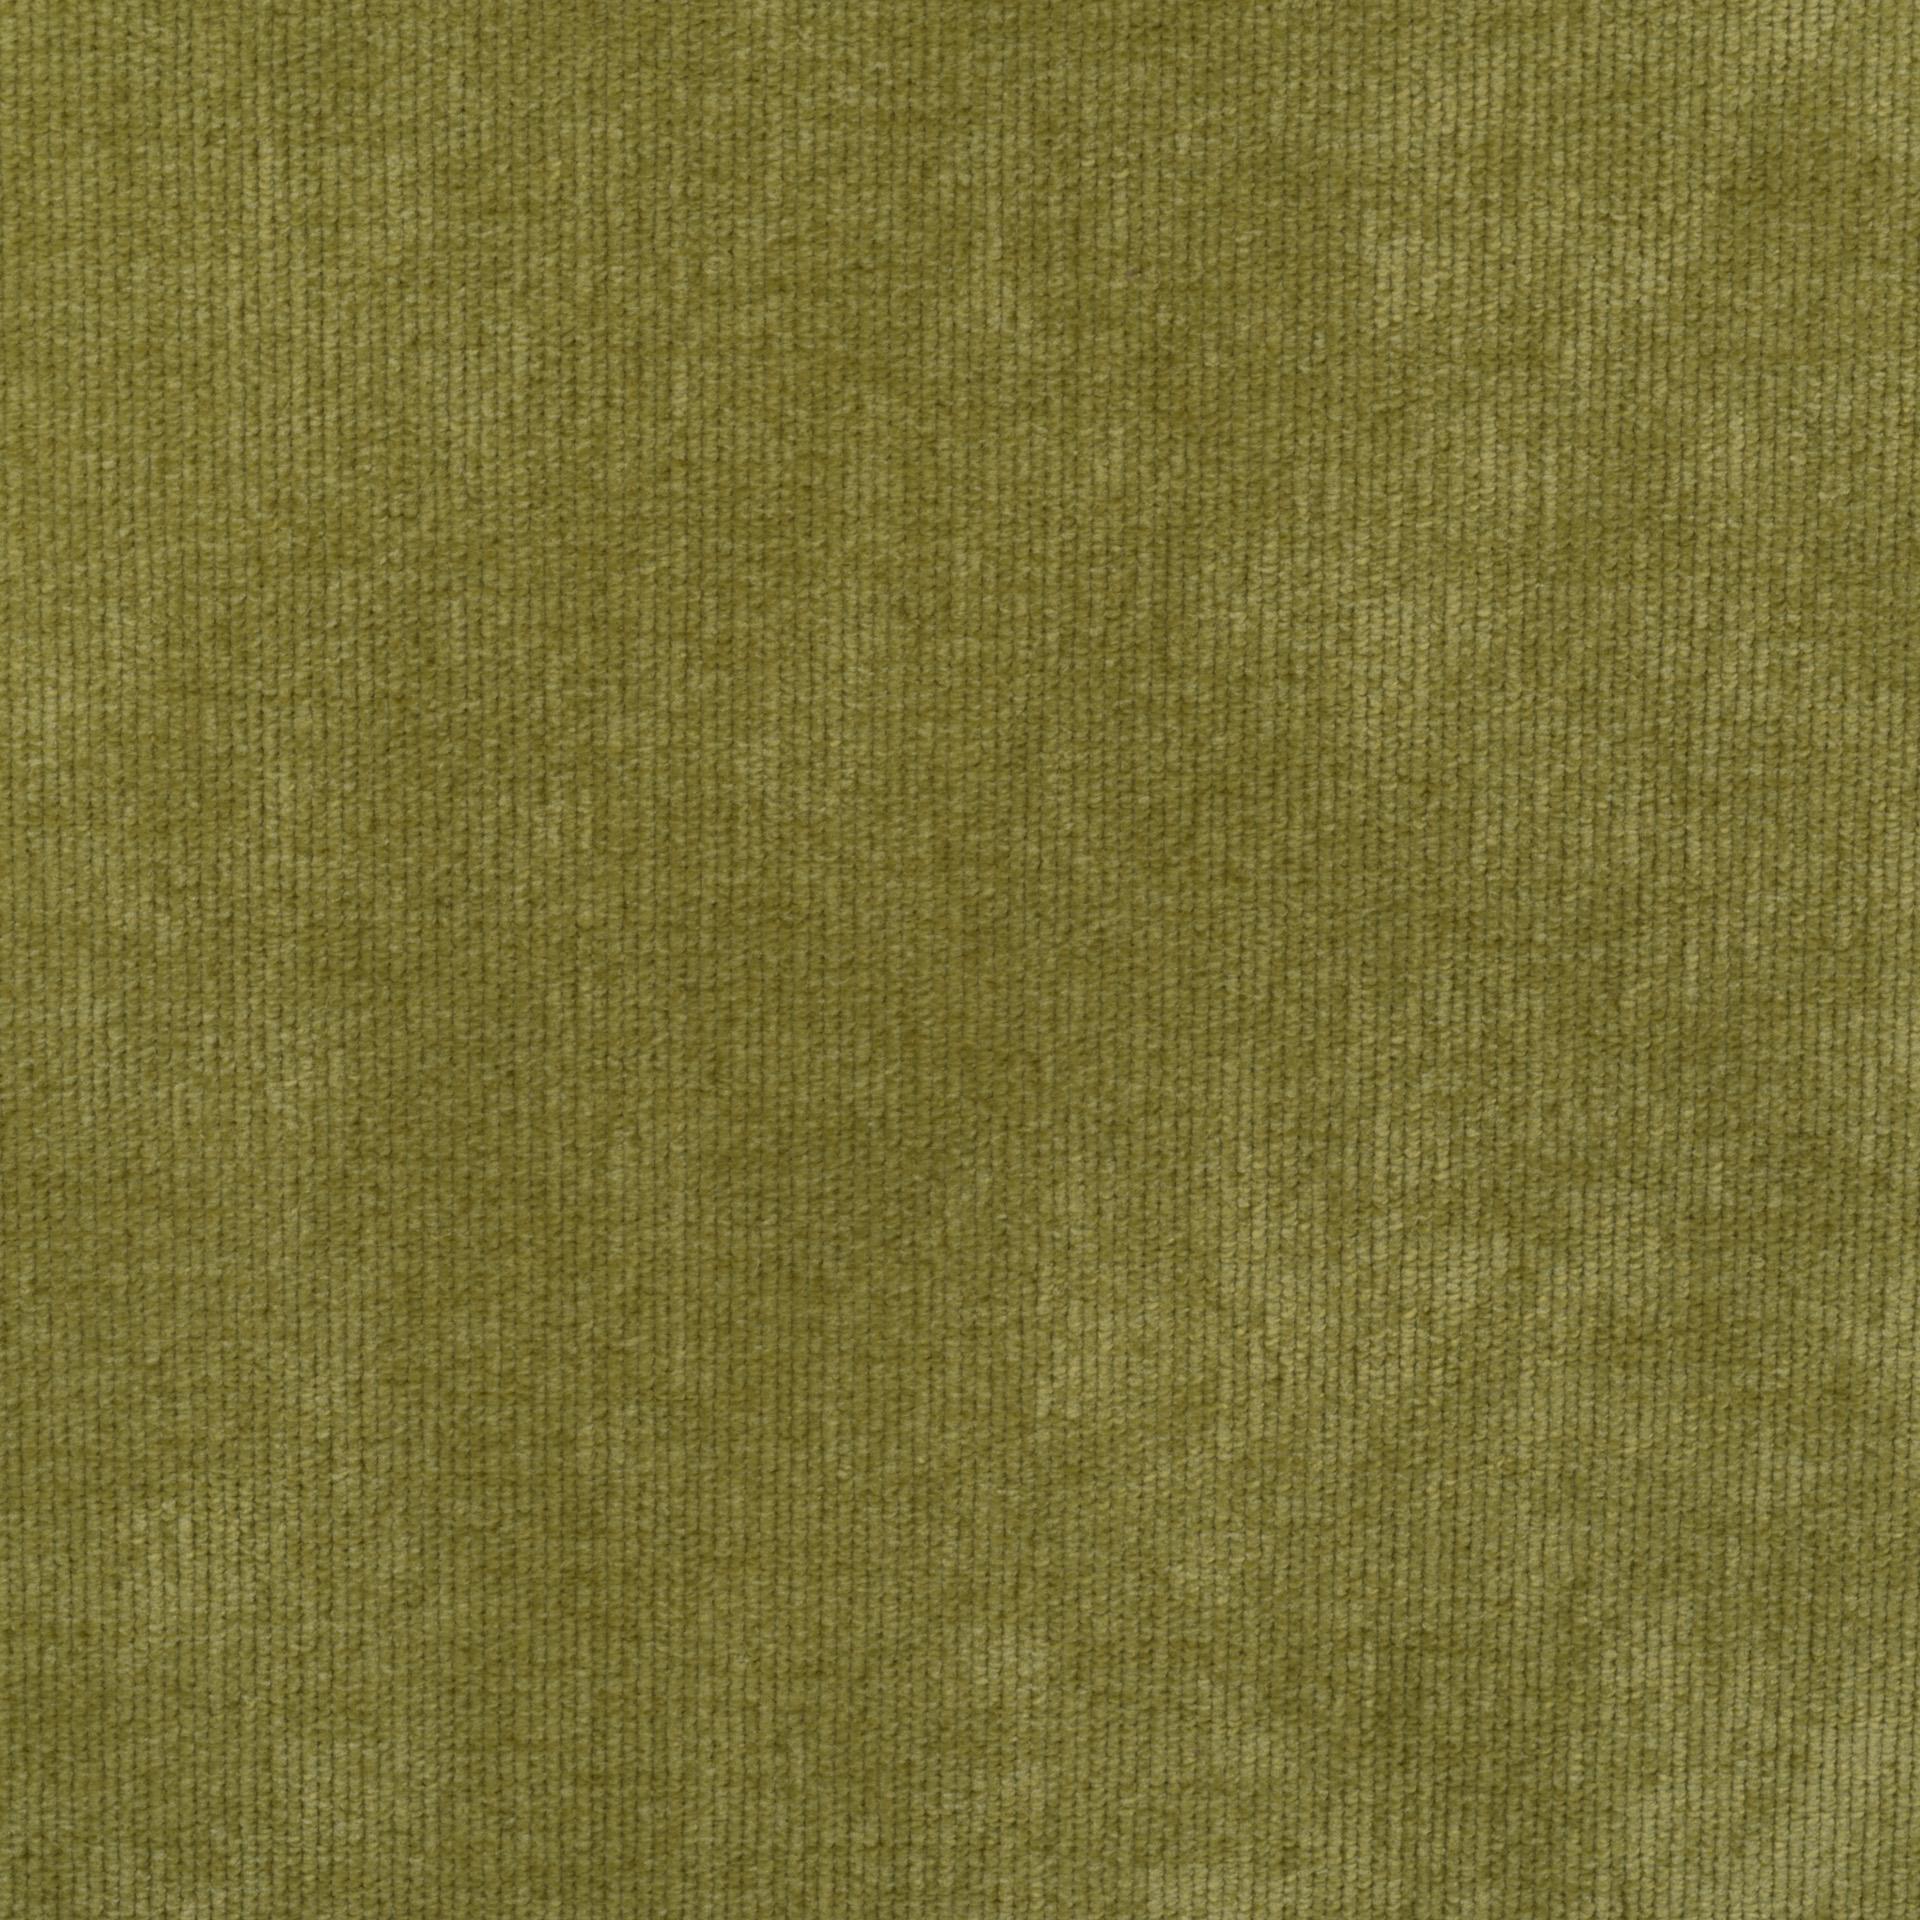 Коллекция ткани Кордрой 215,  купить ткань Велюр для мебели Украина